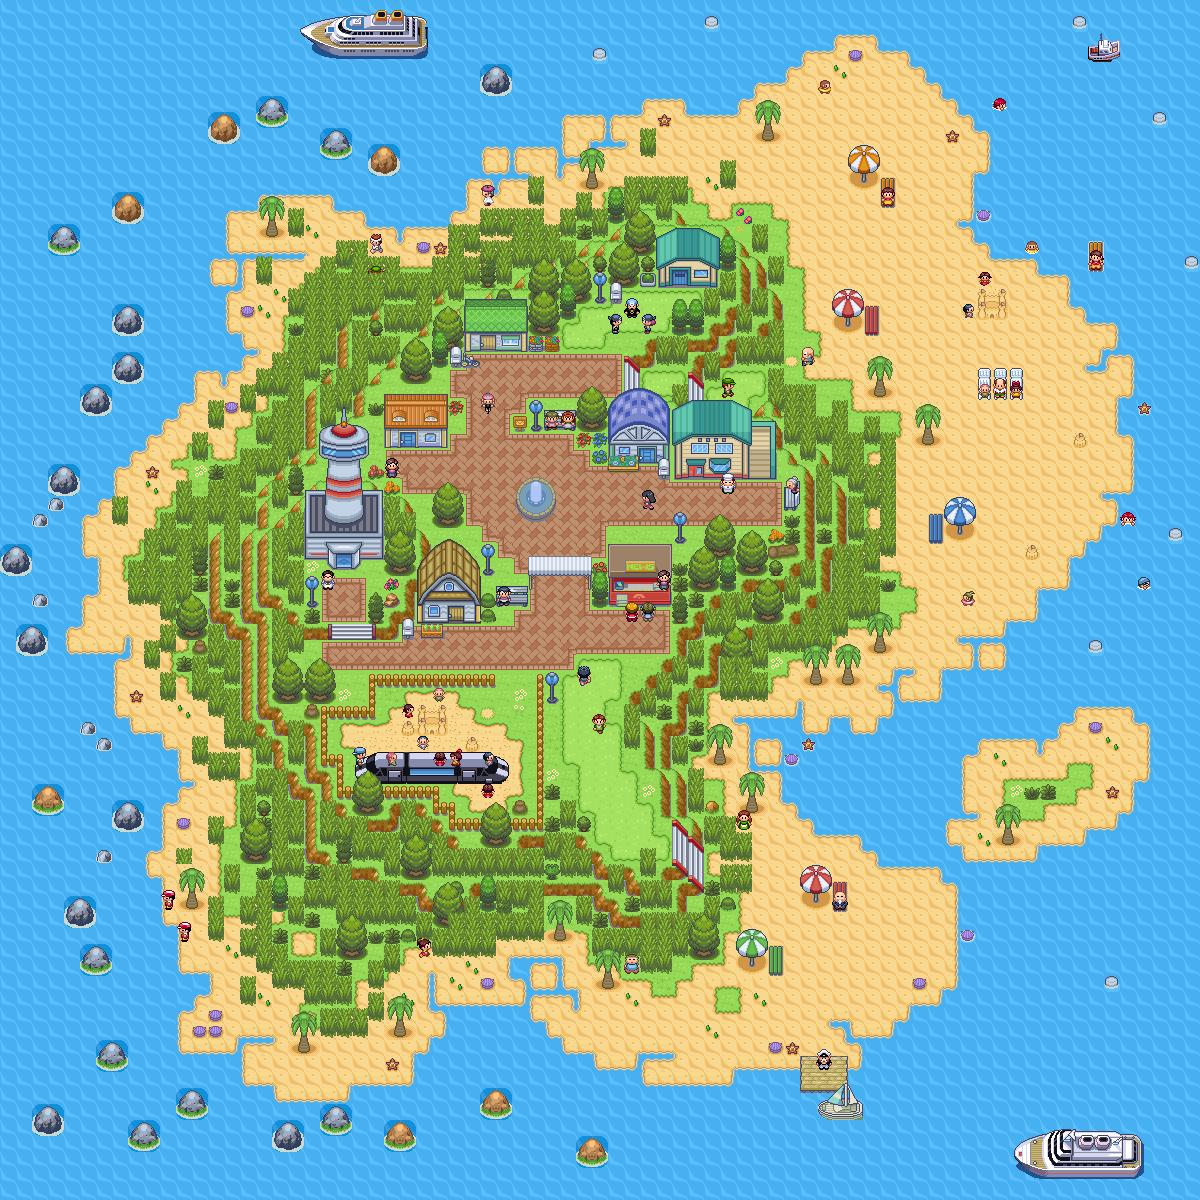 Pokémon-Map: Insel mit Zug